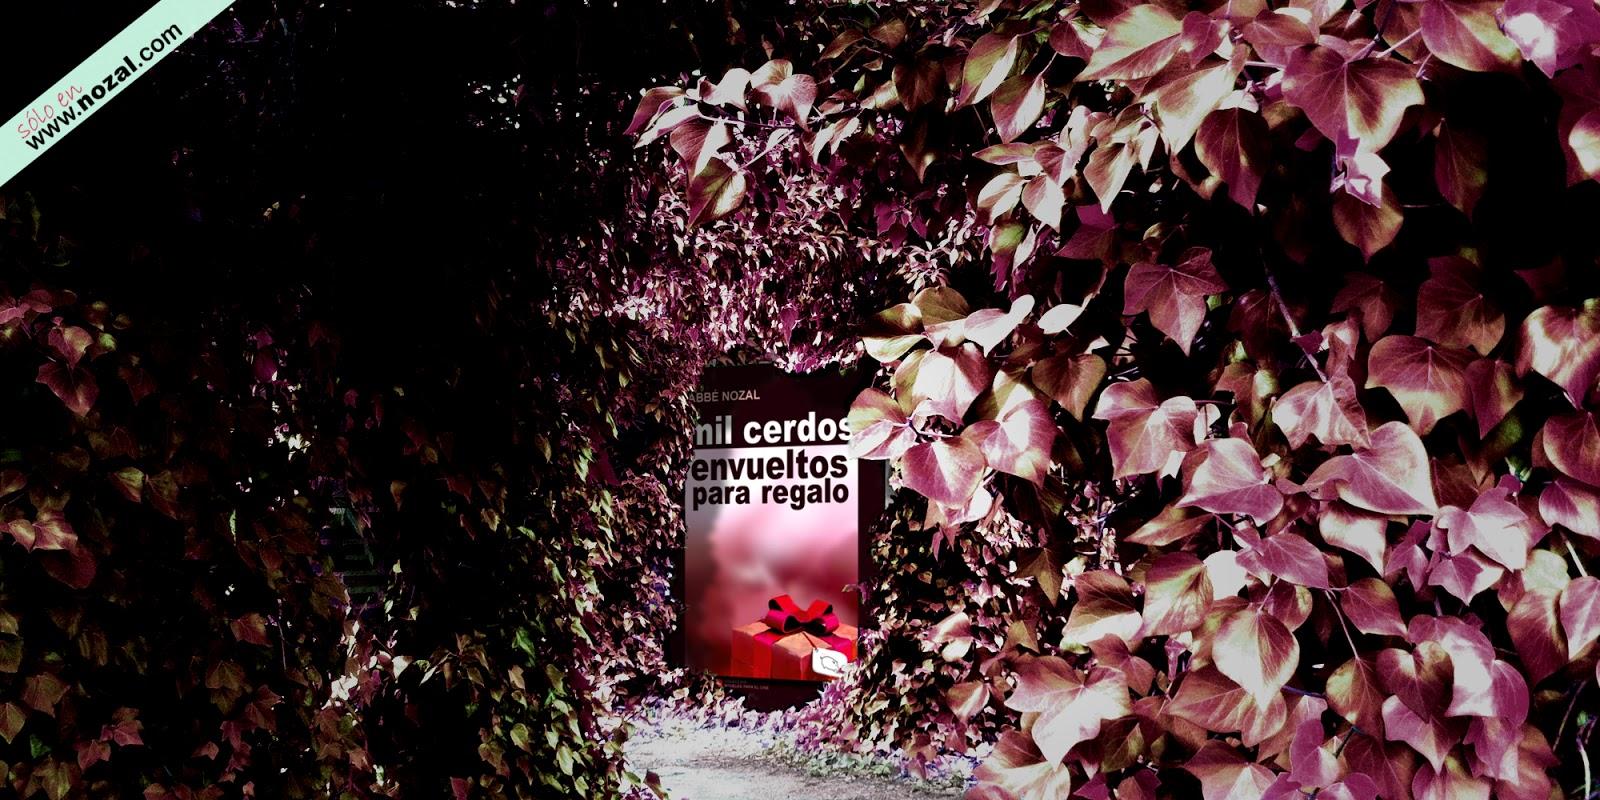 Una novela al fondo del jardín cobrizo, 2014 Abbé Nozal